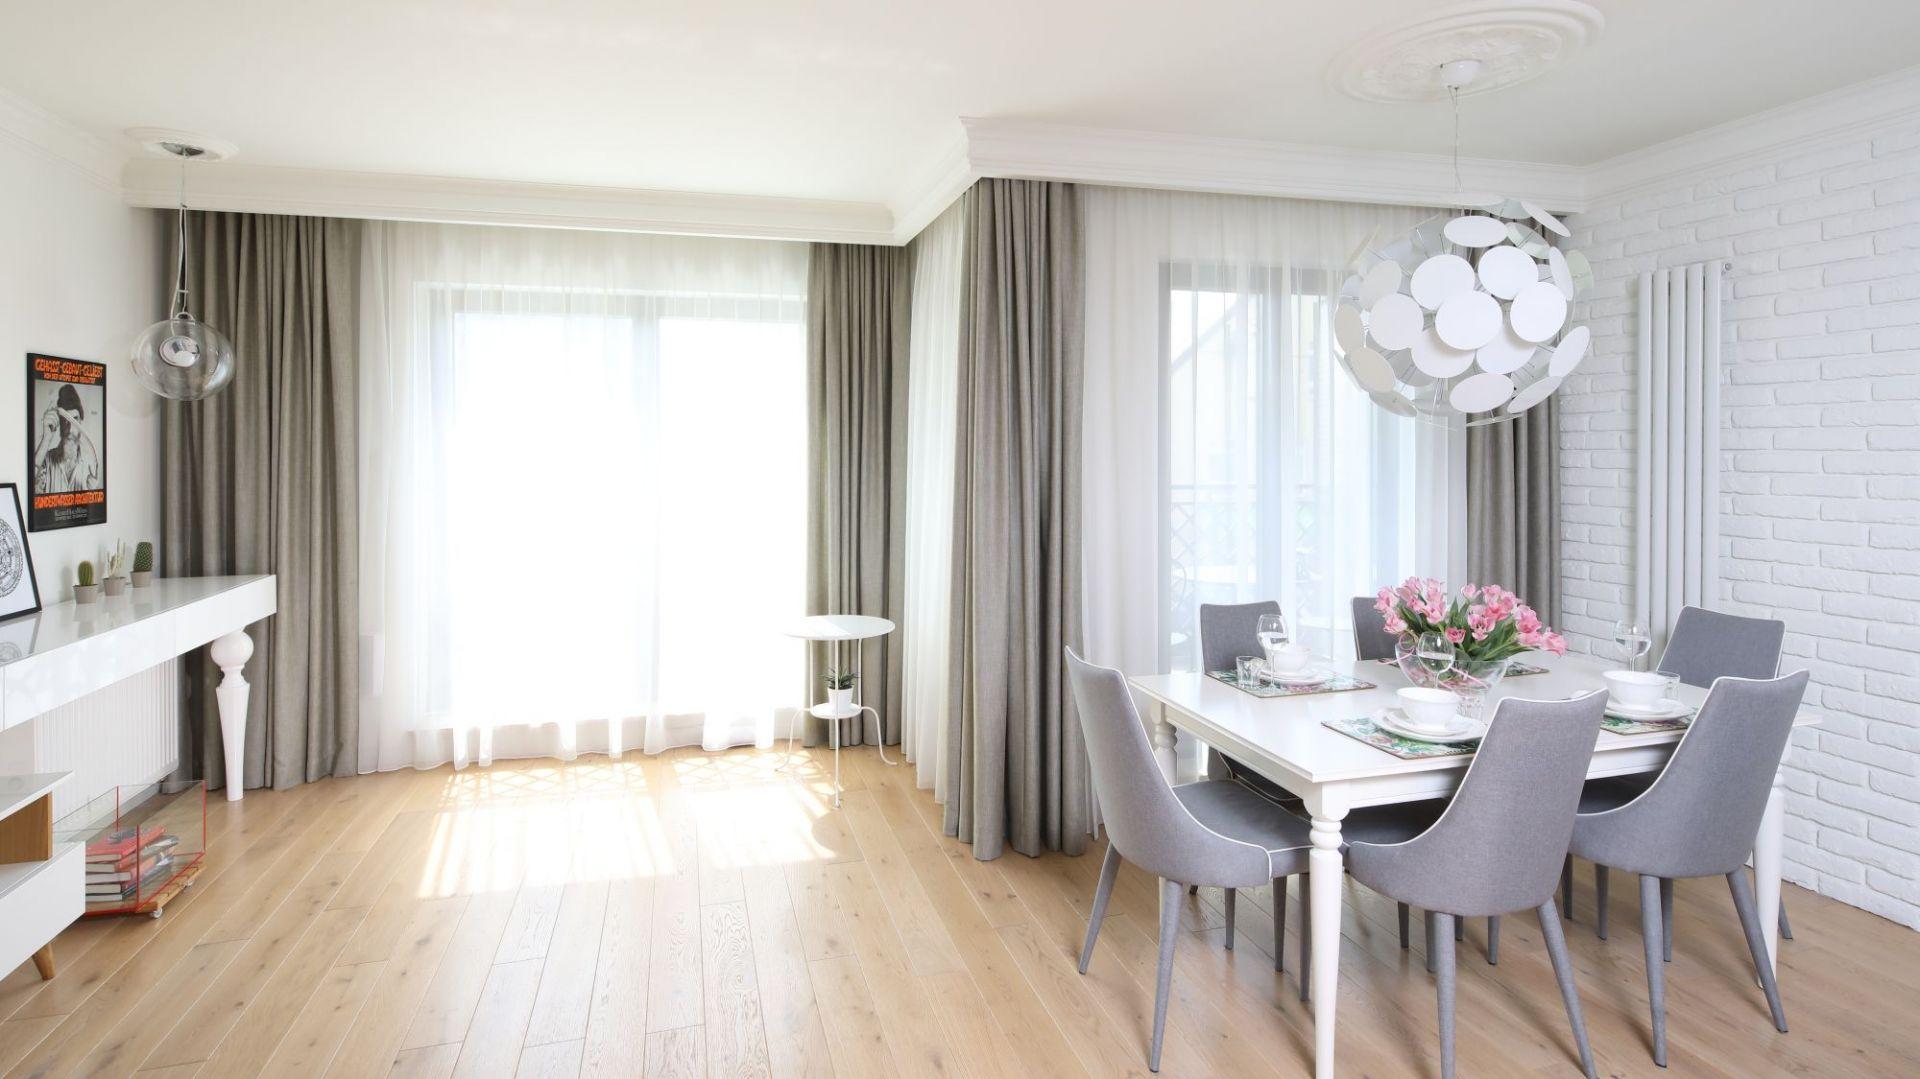 Zasłony w salonie - doskonały sposób na dekorację okna. Projekt Laura Sulzik. Fot. Bartosz Jarosz.